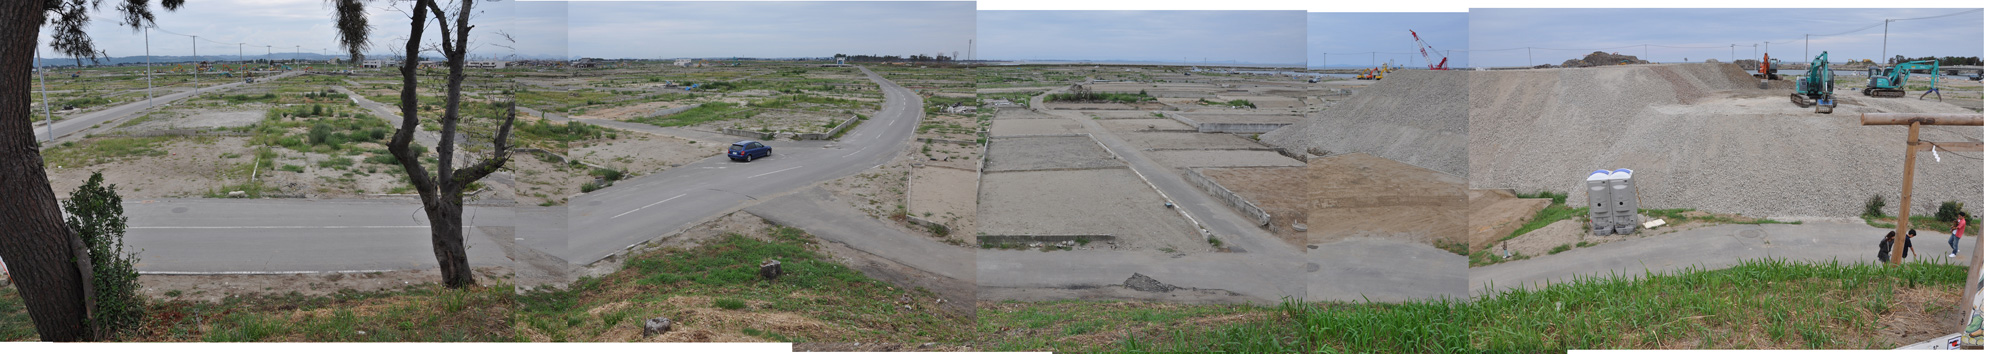 閖上日和山定点観測(西北西-東南東)2011年8月